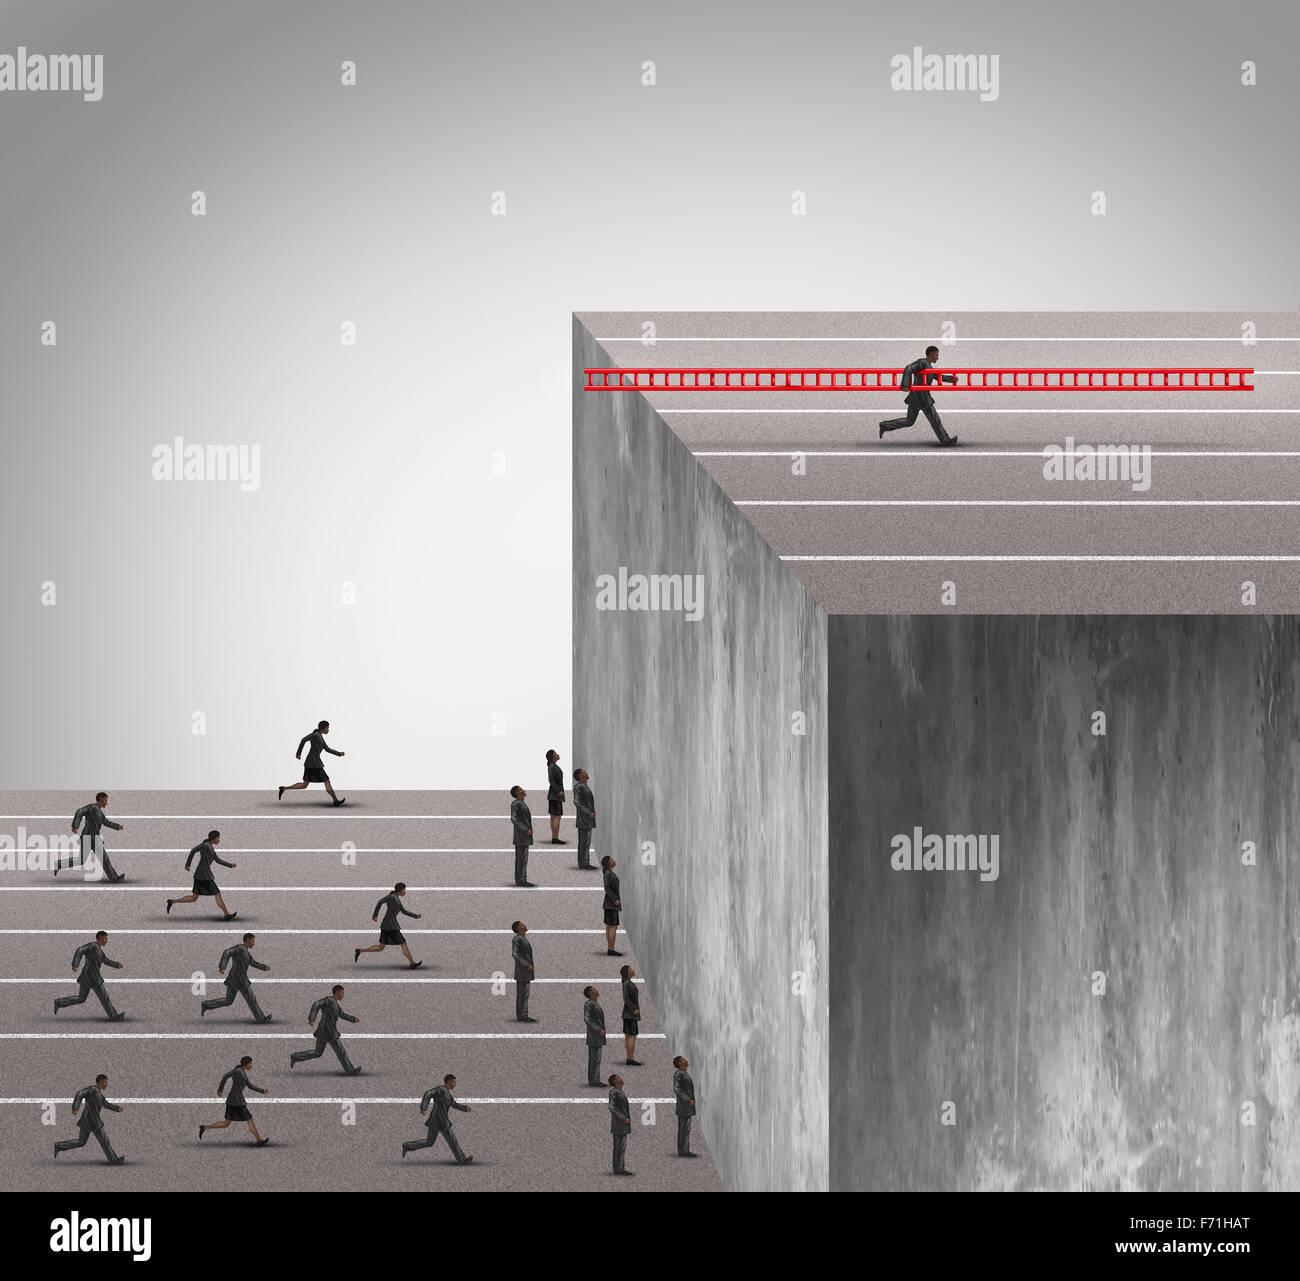 Business Innovation Vorteil-Konzept als eine Gruppe von Geschäftsleuten läuft in einer hohen Mauer Hindernis Stockbild